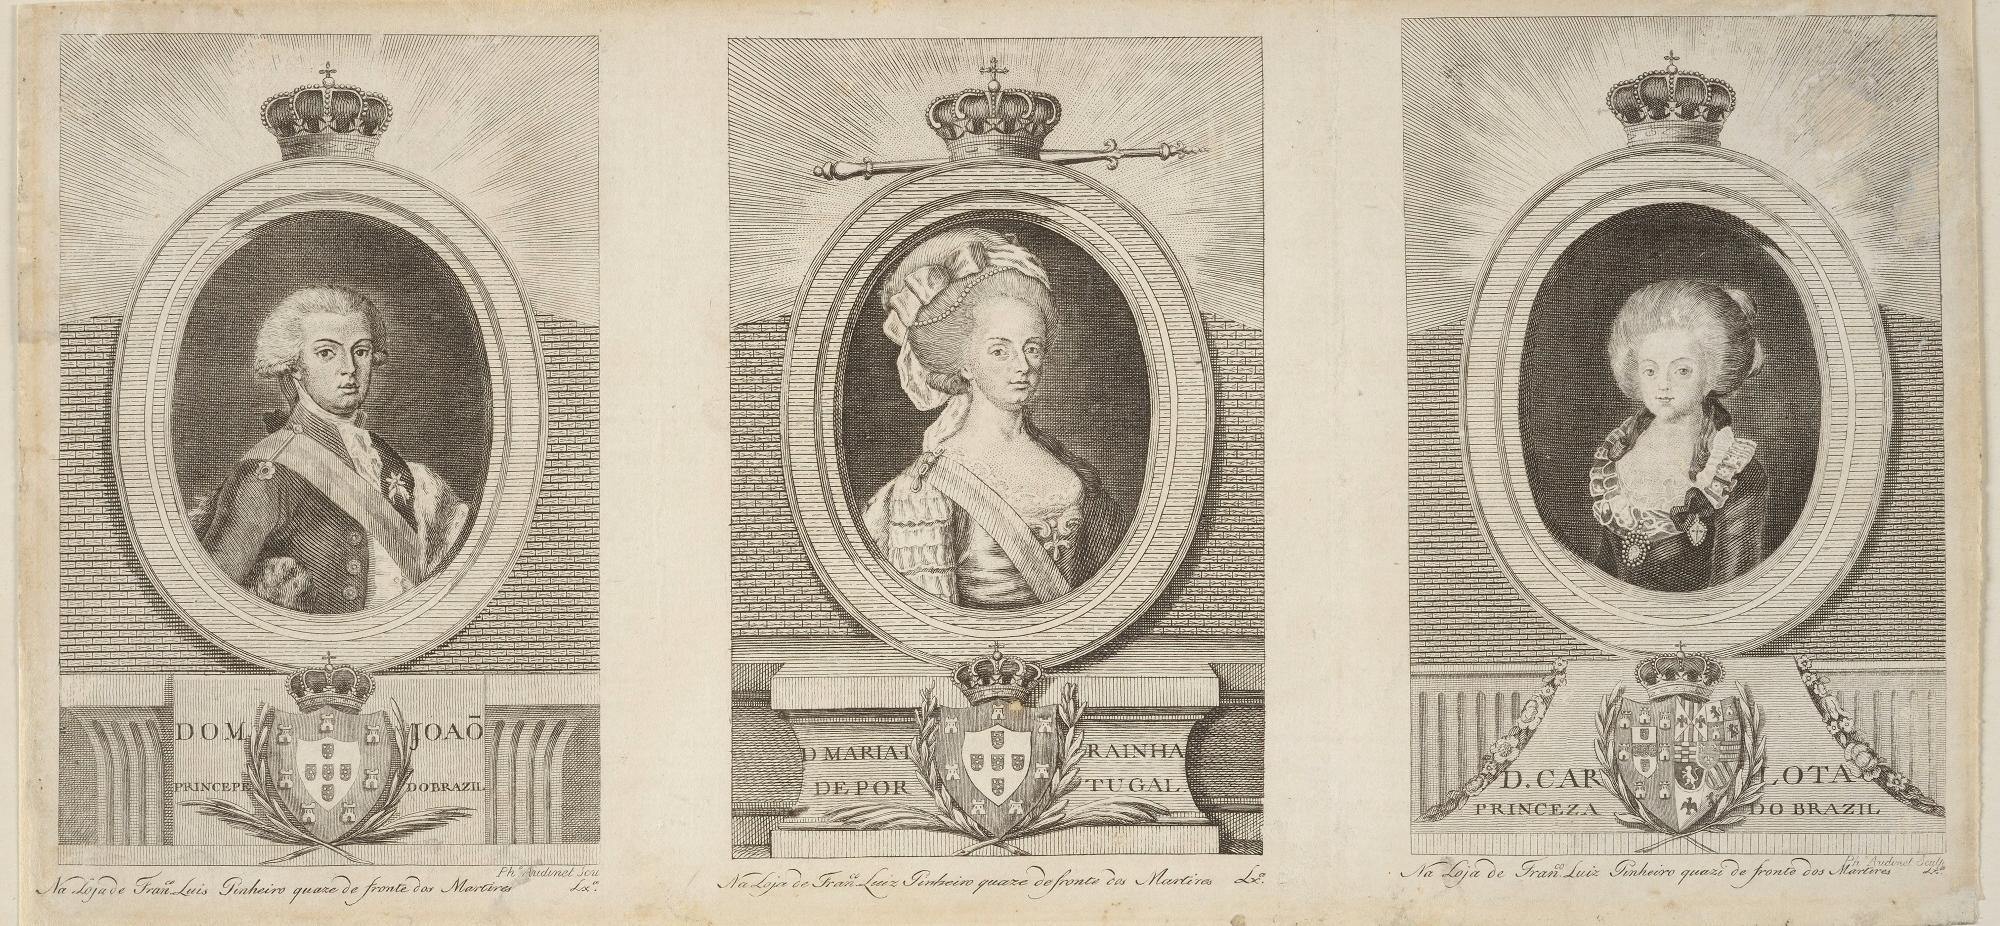 Infante D. João (1767-1826)